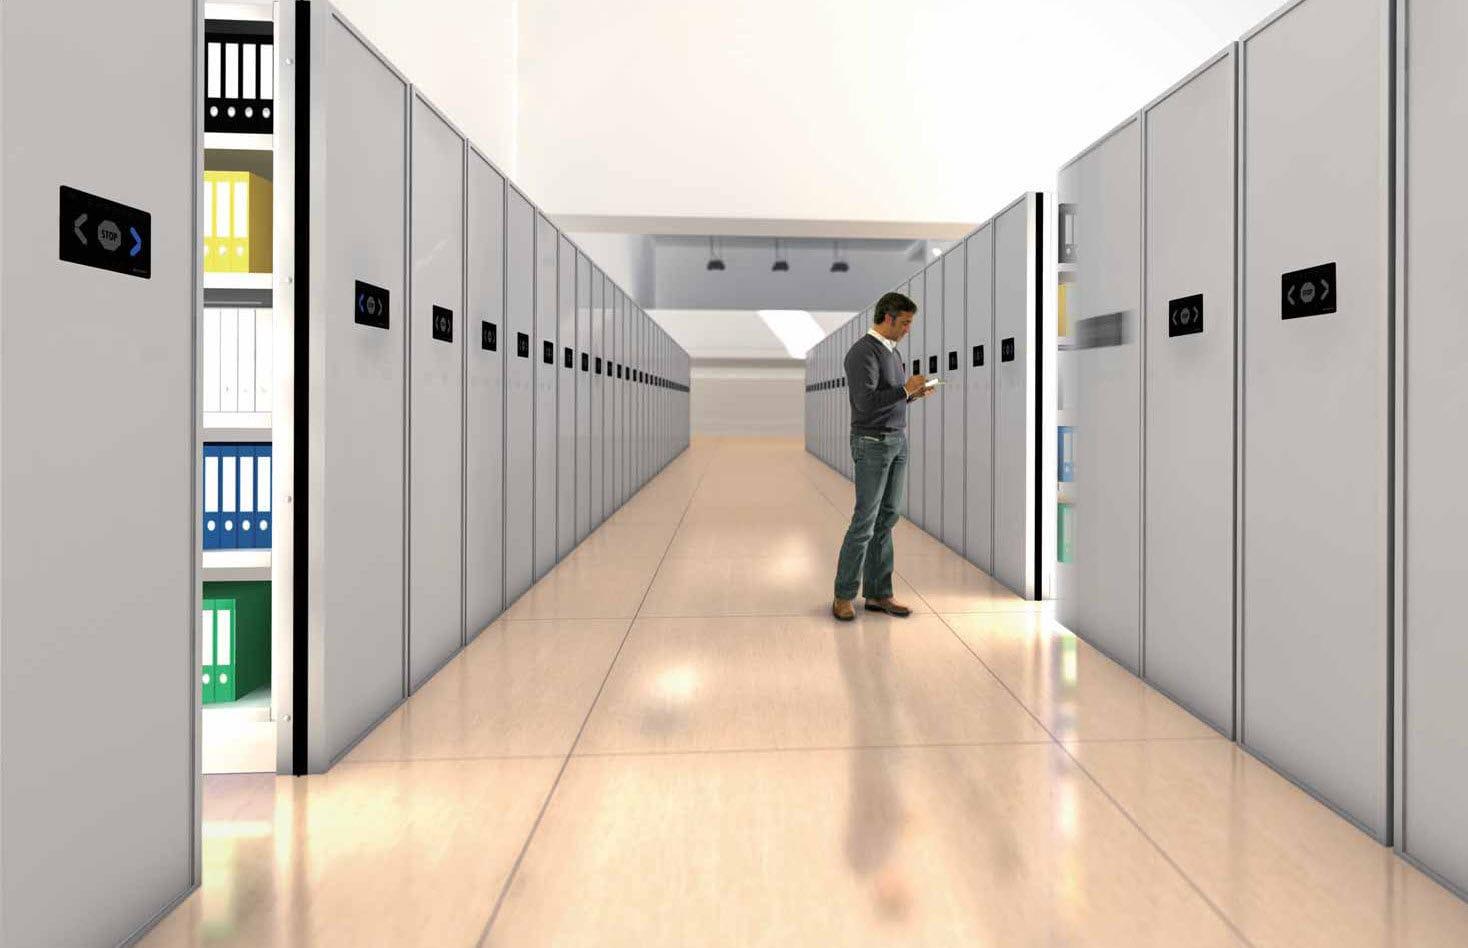 Mobili Archivio Ufficio : Scaffalatura mobile elettrica per archivio per stoccaggio